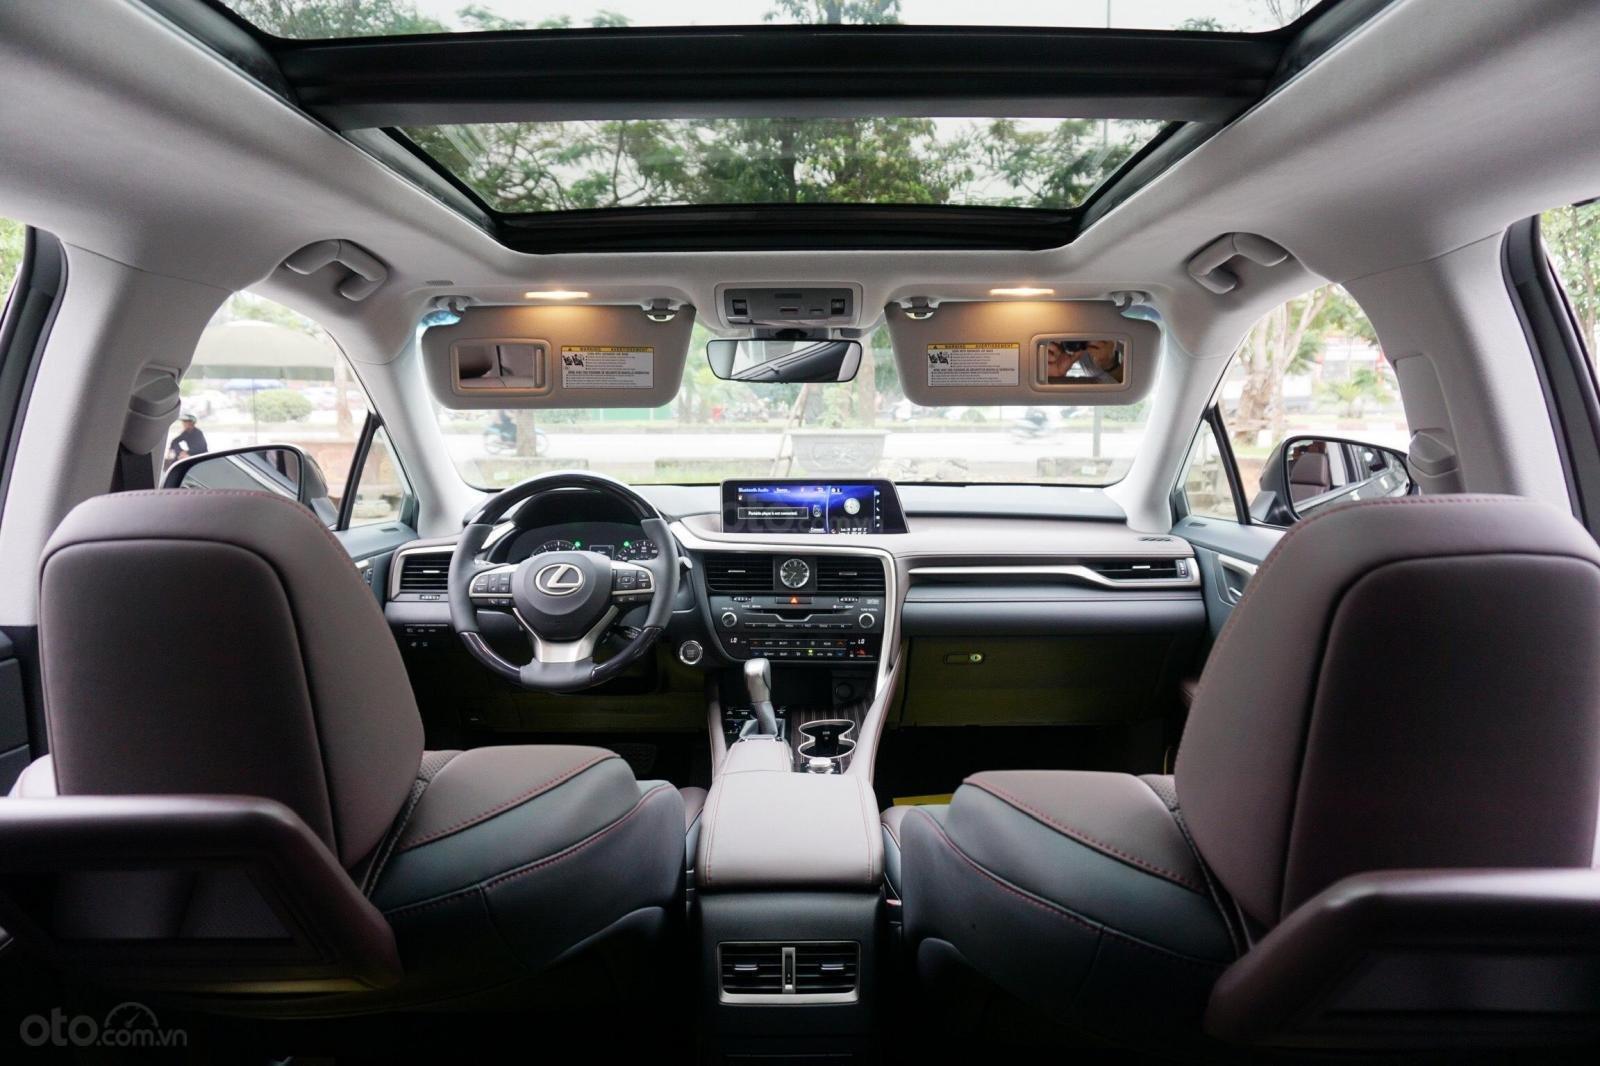 Bán Lexus RX 350 sản xuất 2019, màu đen, nhập Mỹ, giao ngay, LH 094.539.2468 Ms Hương (17)